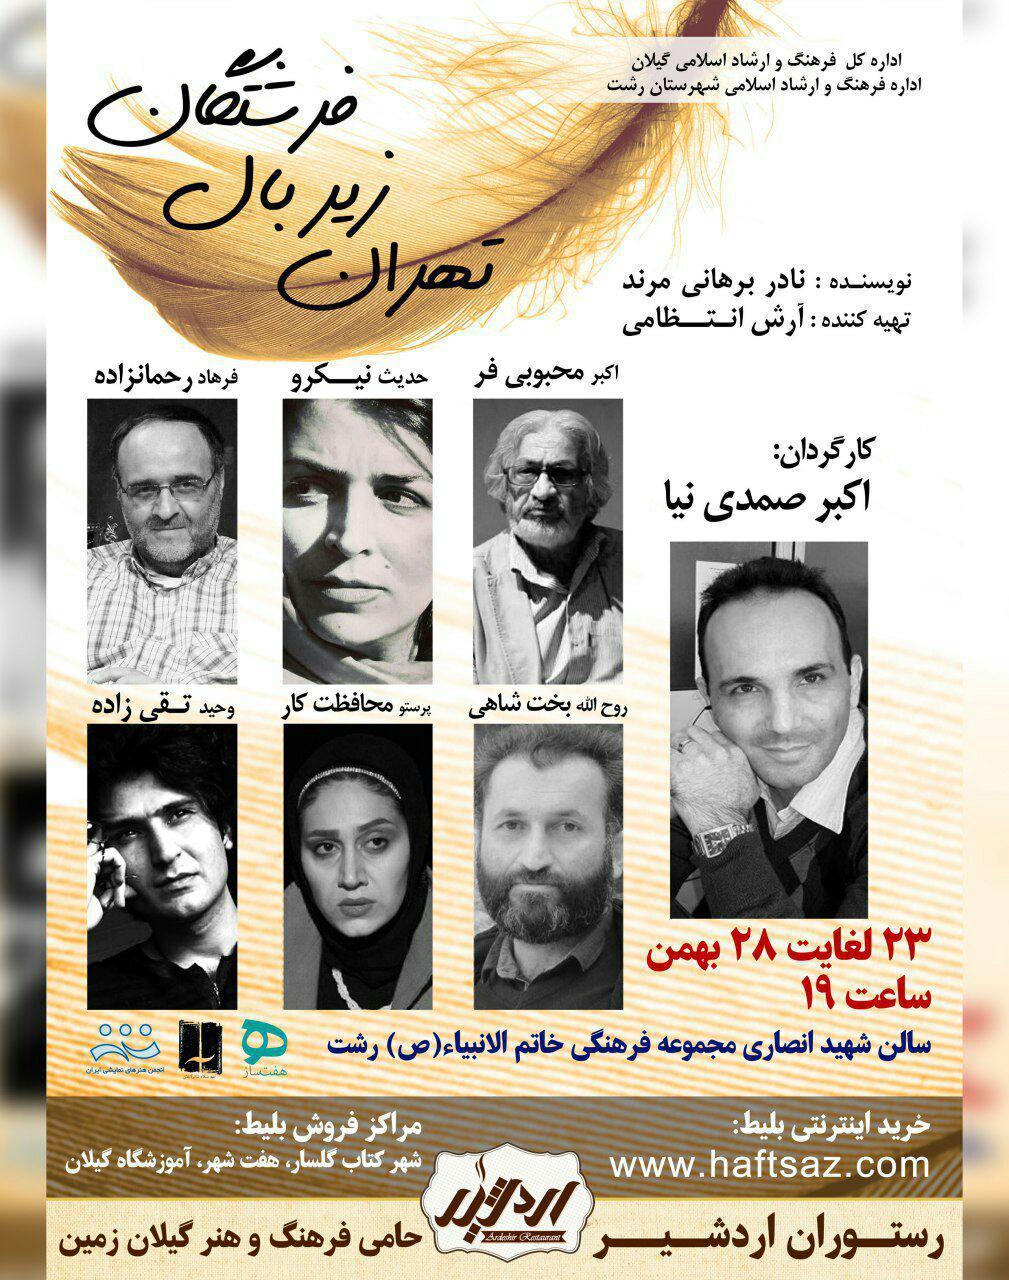 تهران زیر بال فرشتگان در رشت به روی صحنه میرود